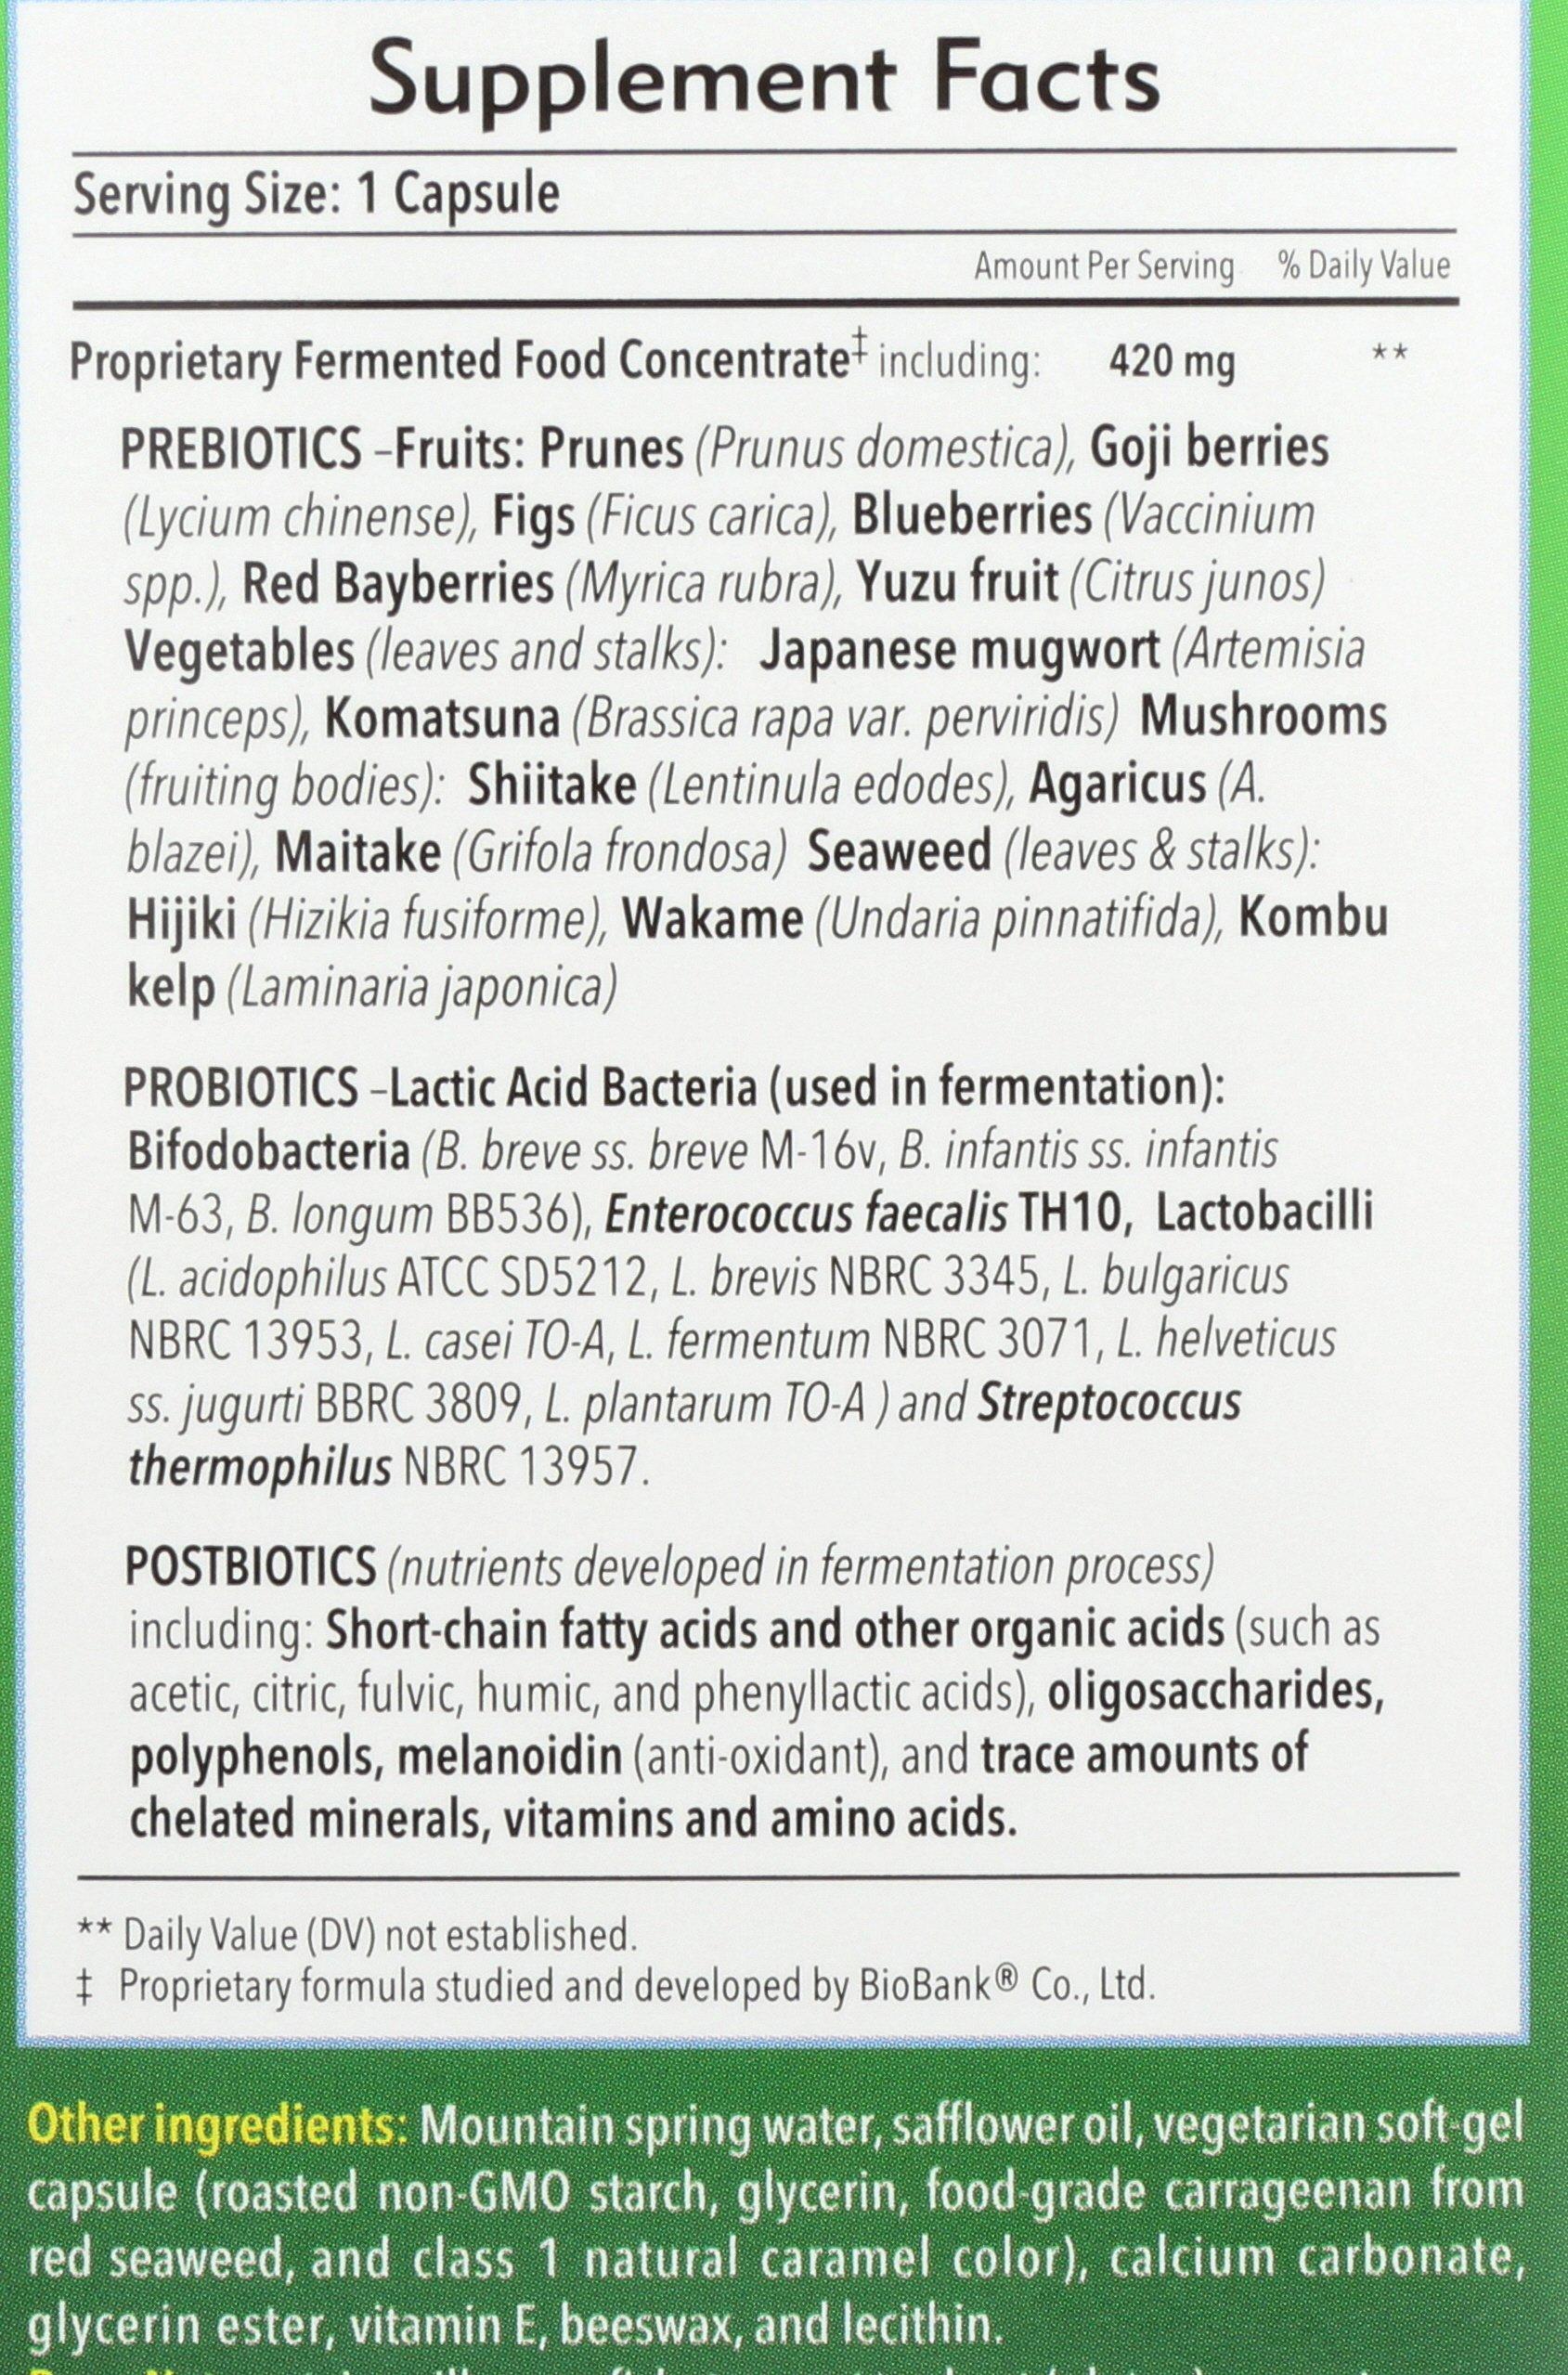 Dr. Ohhira's Probiotics Original Formula 3 Year Fermented Food Supplement with Probiotics, Prebiotics, and PostBiotics for Rapid Microbiome Repair, 60 capsules by Essential Formulas